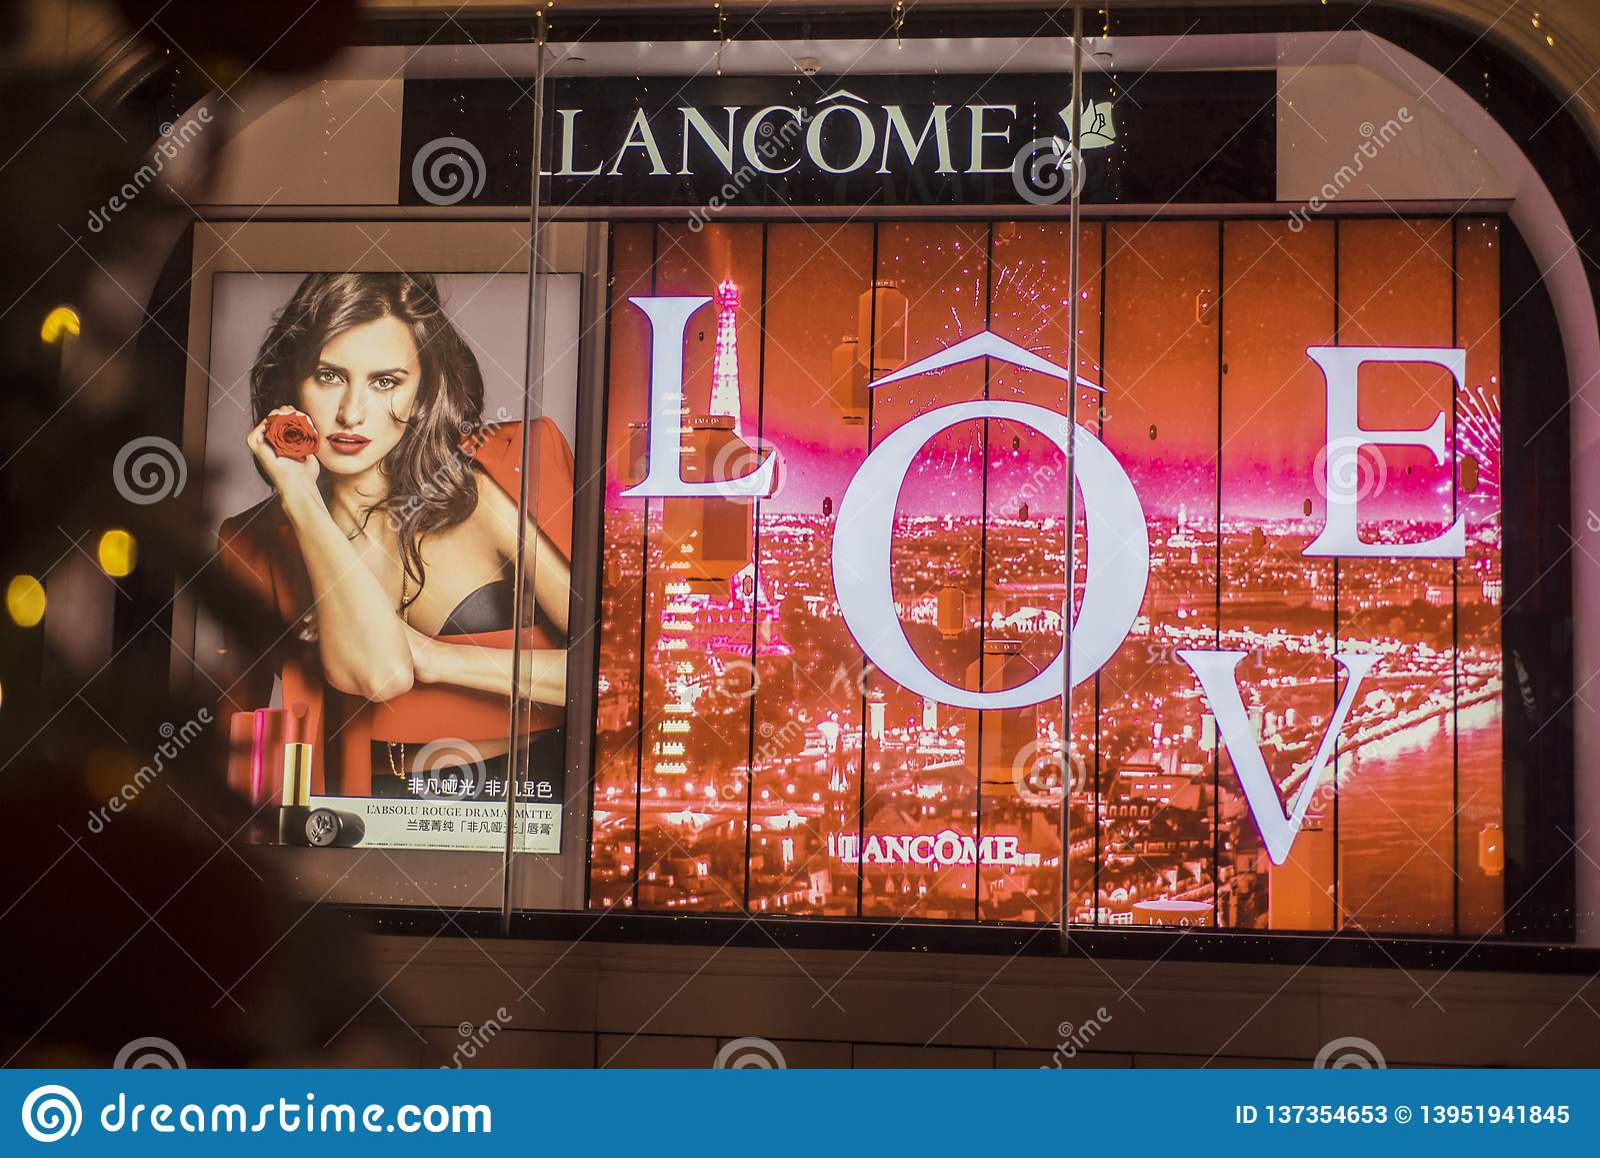 Μια τεράστια διαφήμιση για Lancome στο παράθυρο γυαλιού του καταστήματος νύχτας